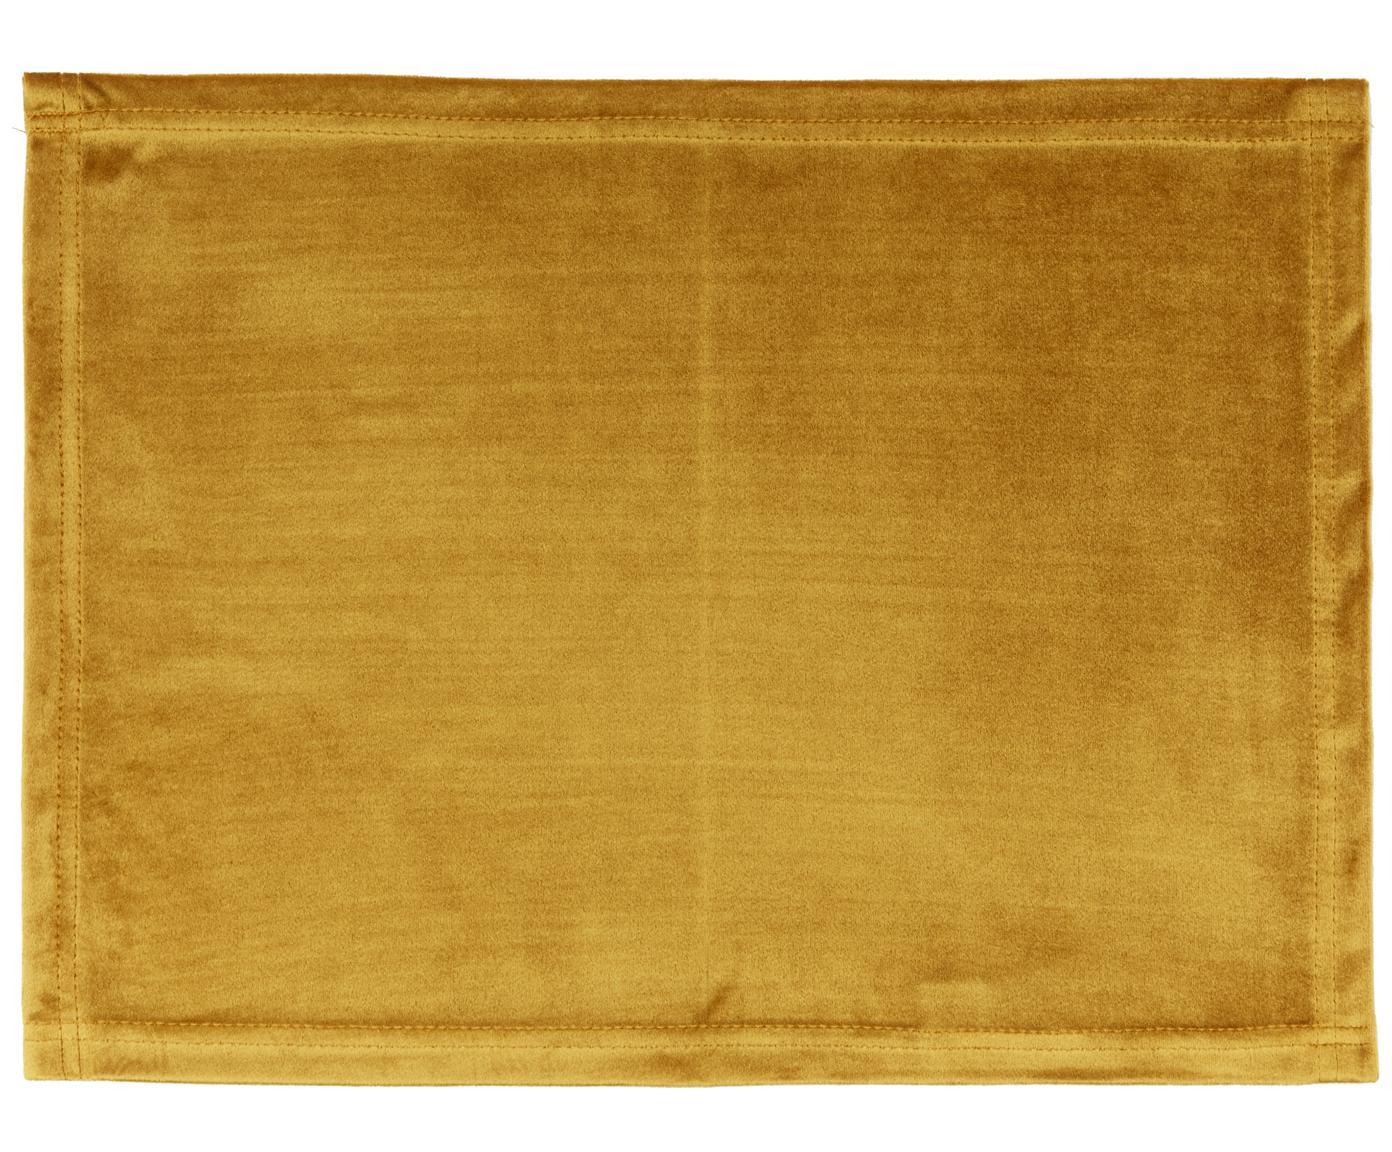 Tovaglietta americana in velluto Simone 2 pz, Velluto di poliestere, Giallo senape, Larg. 35 x Lung. 45 cm